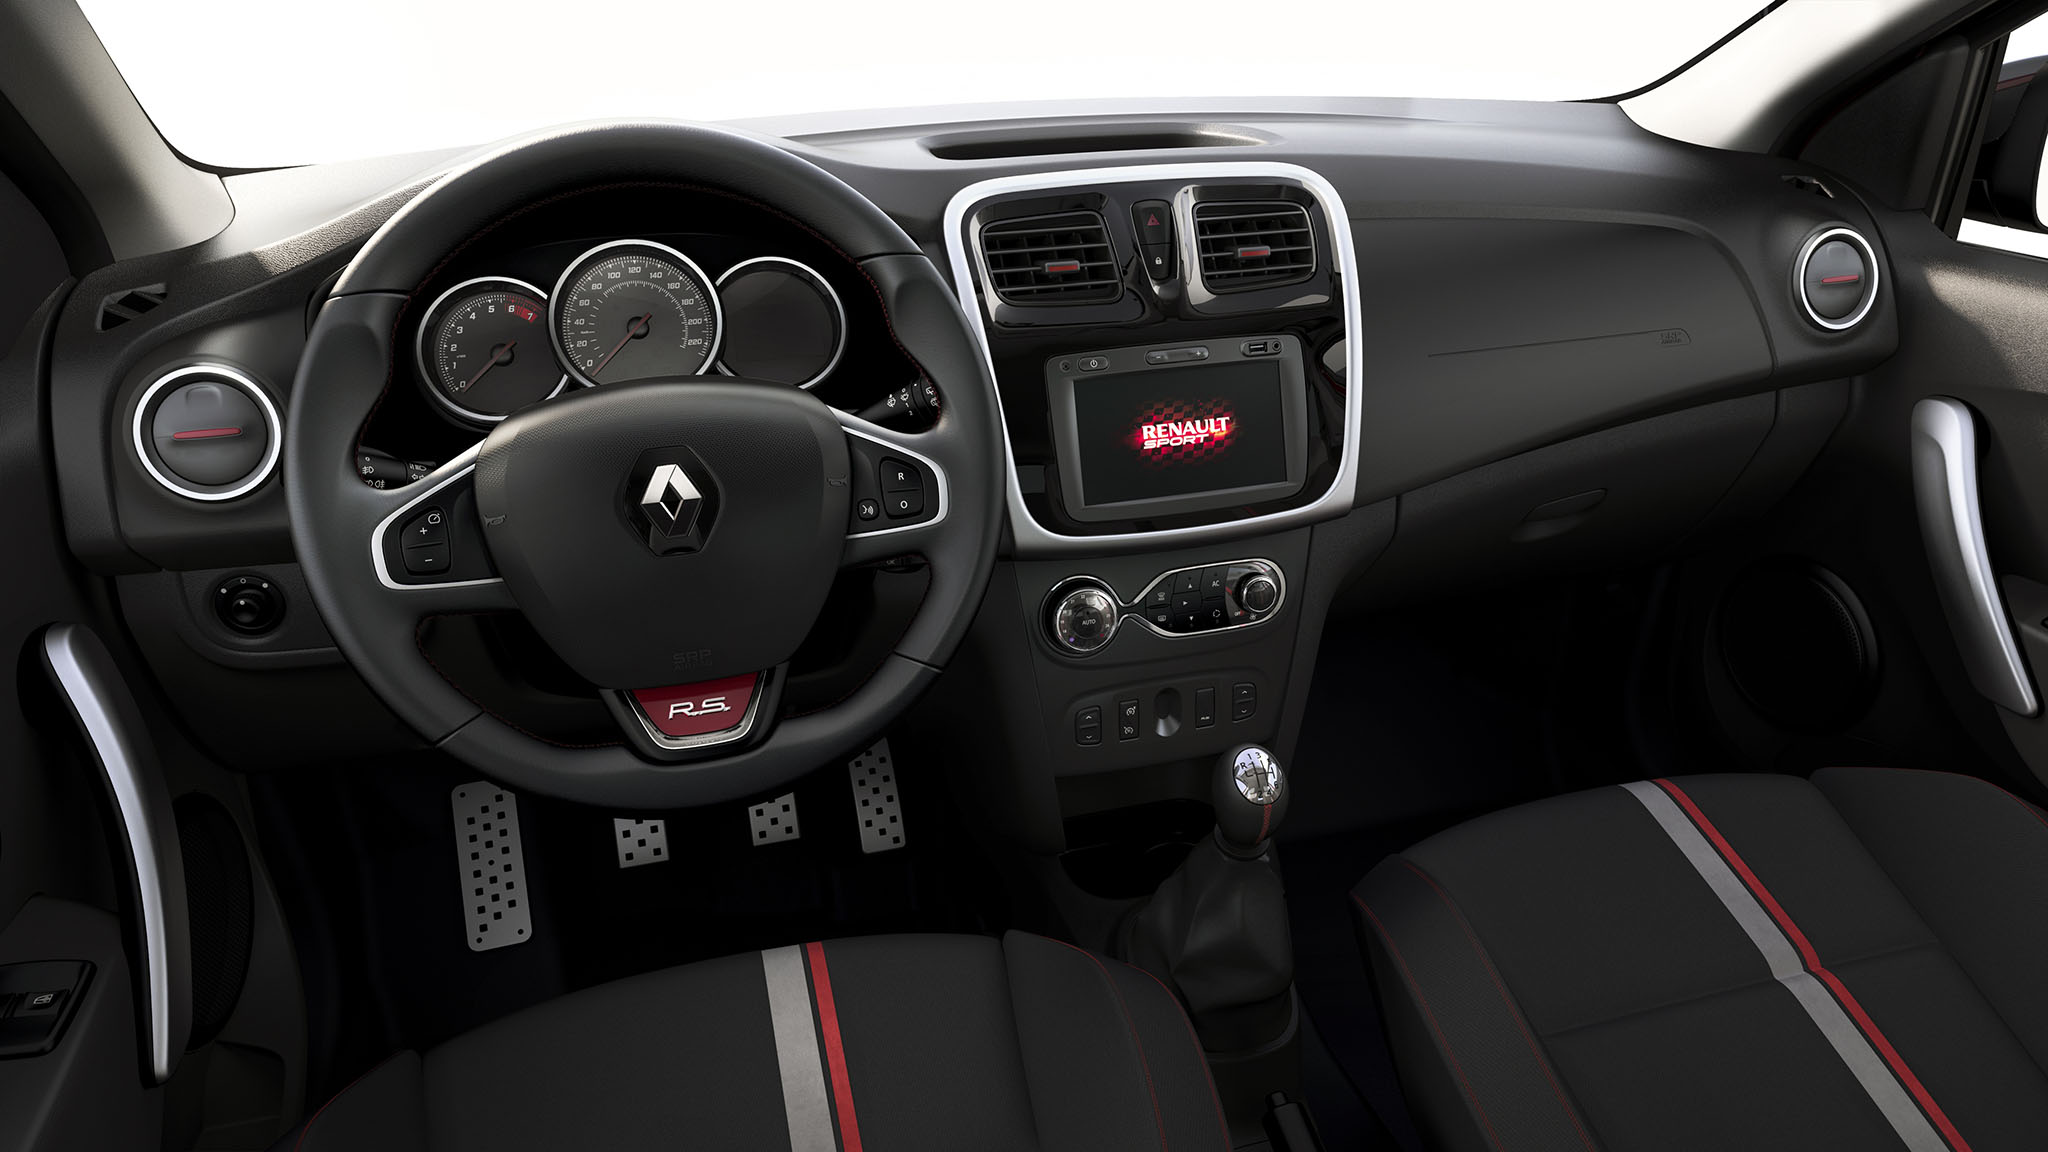 Sandero RS 2.0 Dacia Renault